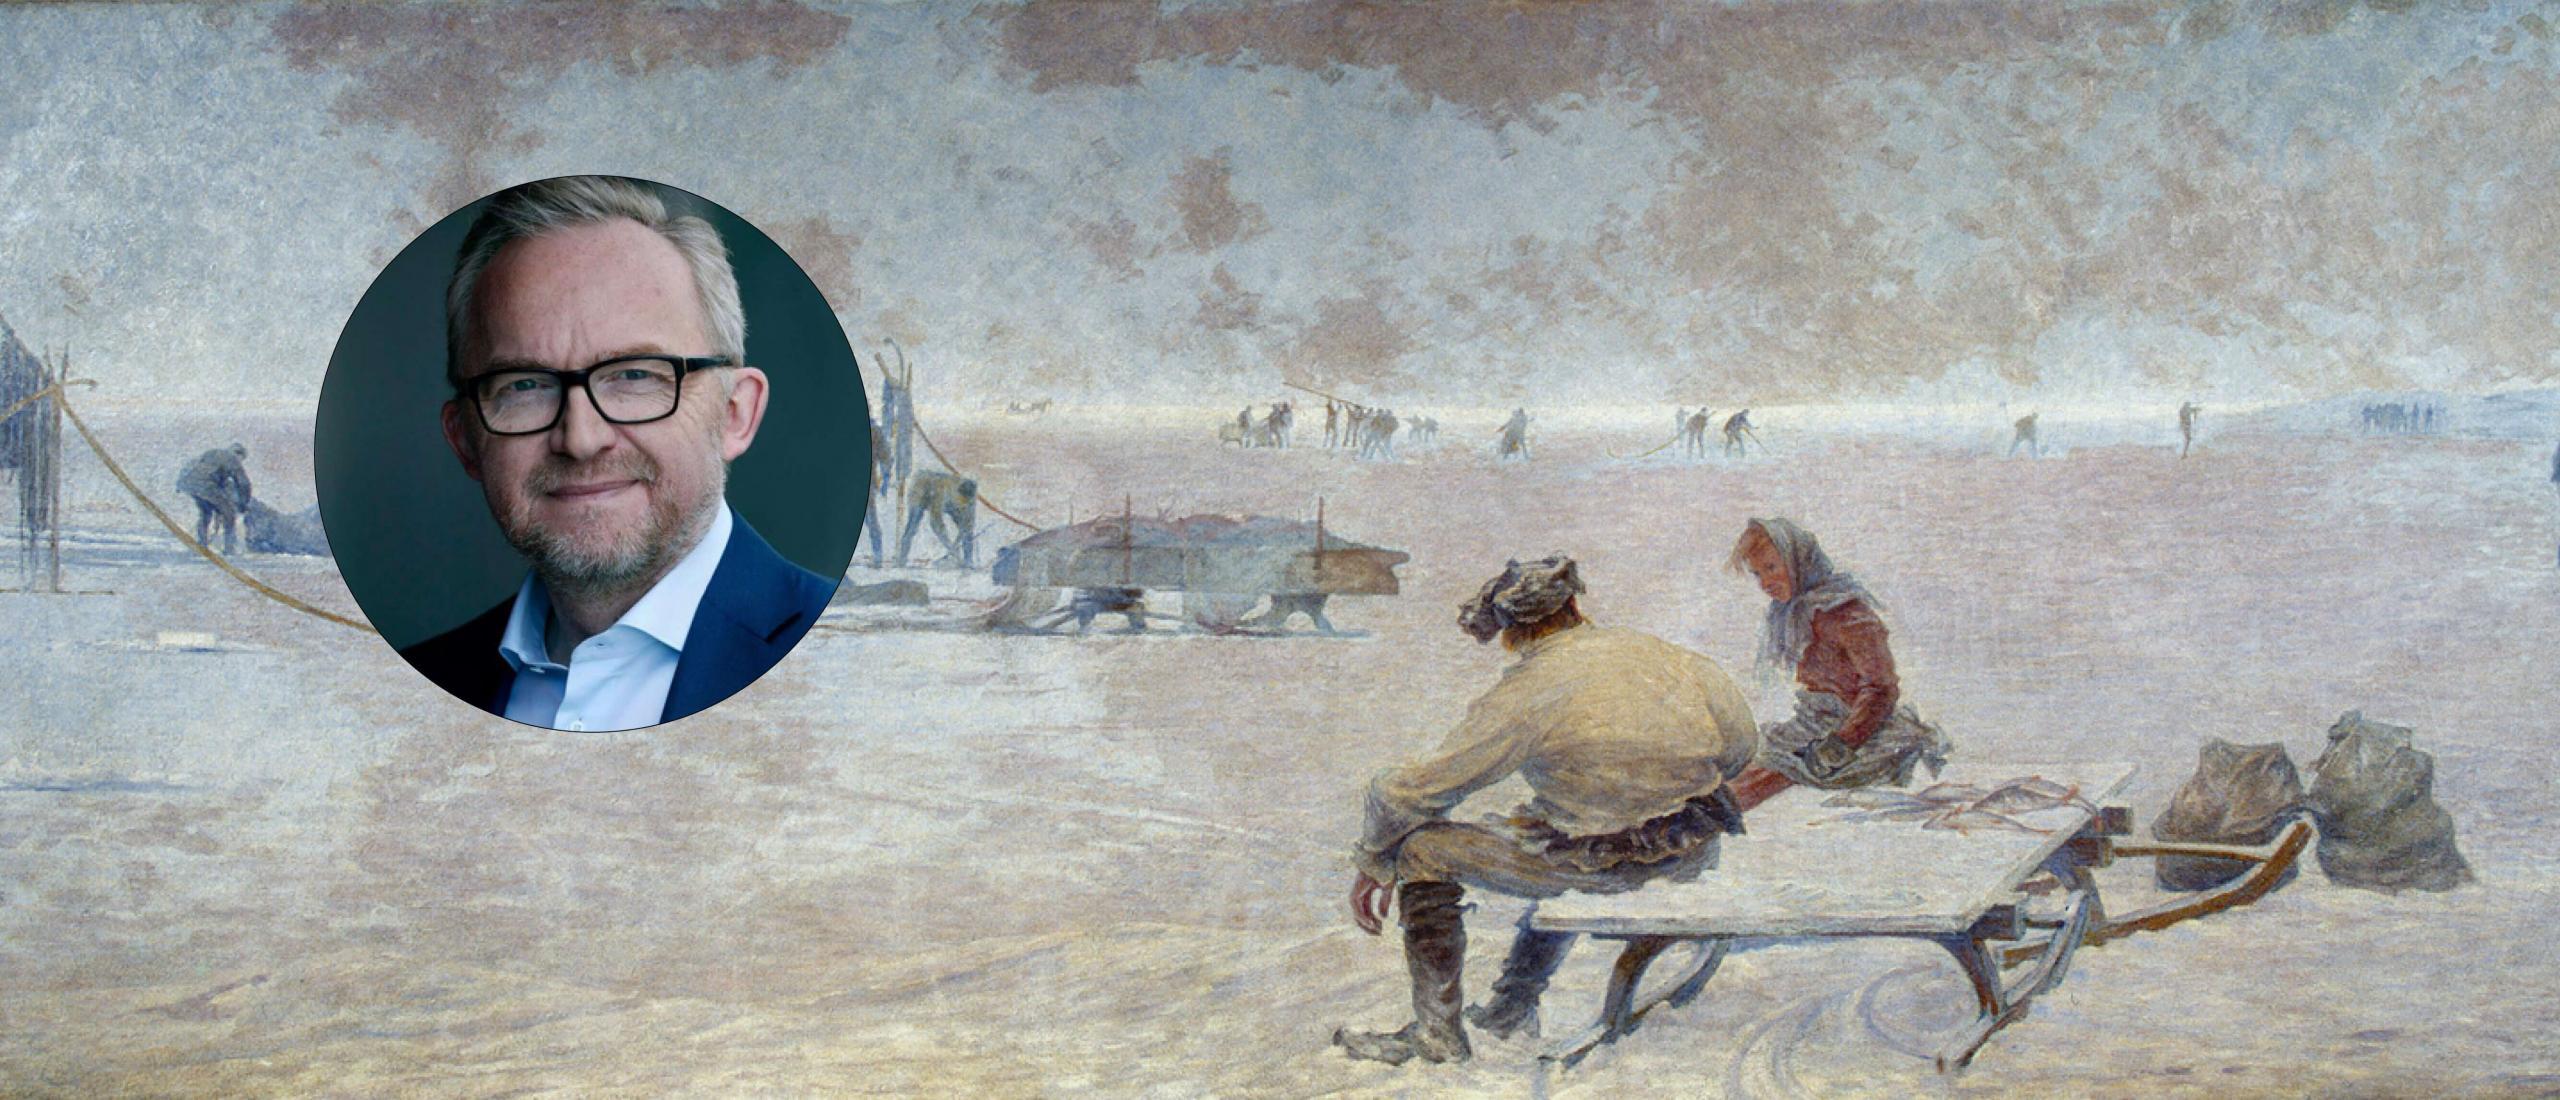 Jesper Theilgaard, Vädret i konsten på Önningsbymuseum. Nordens Institut på Åland